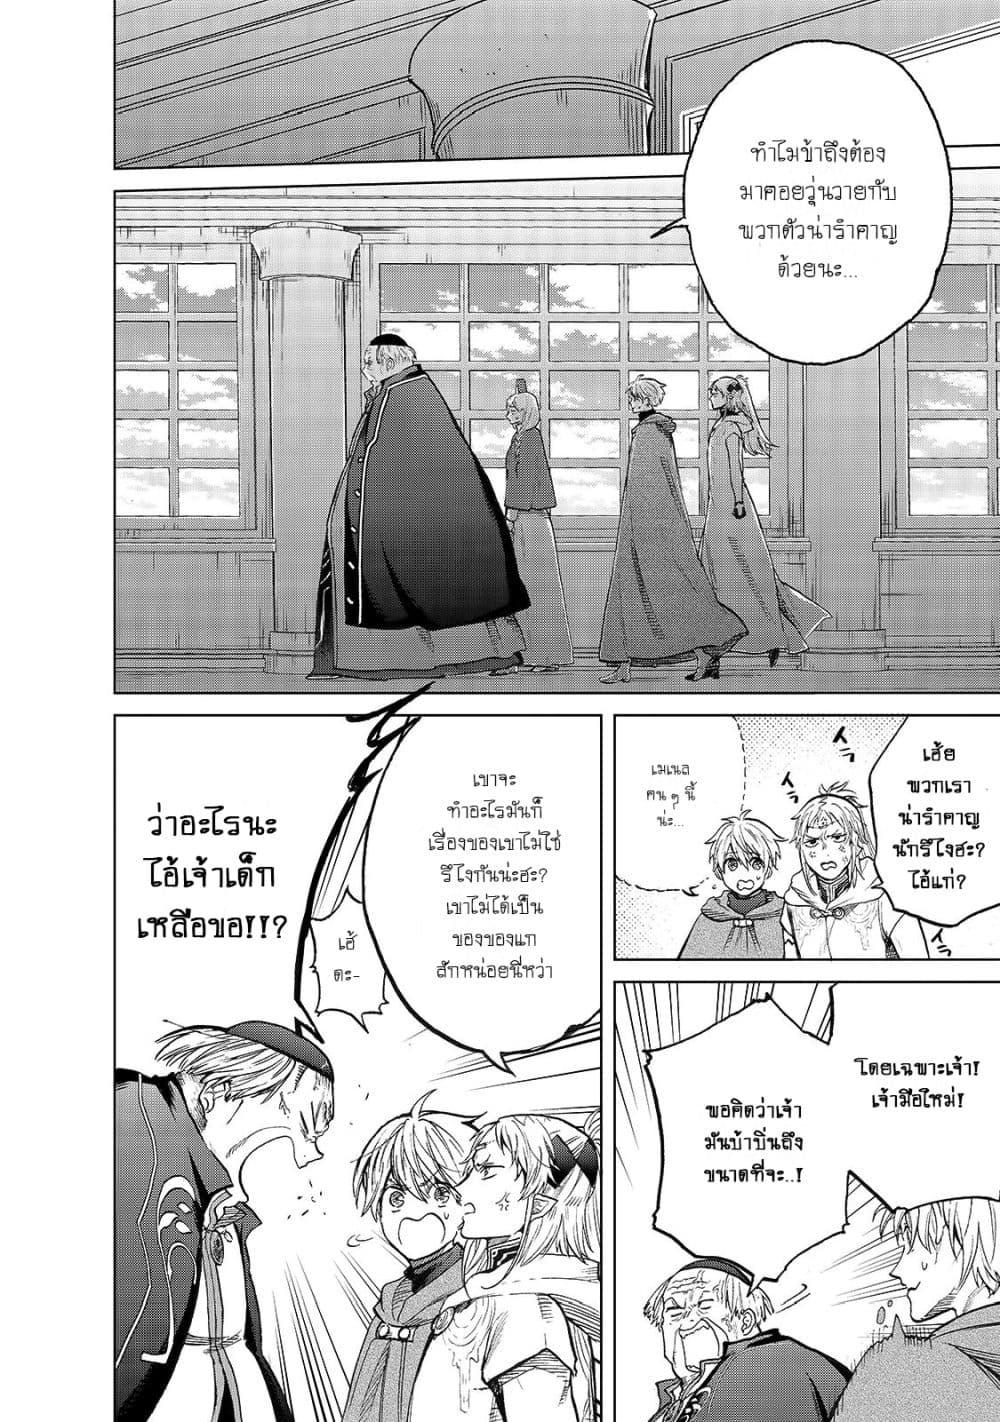 อ่านการ์ตูน Saihate no Paladin ตอนที่ 22 หน้าที่ 6